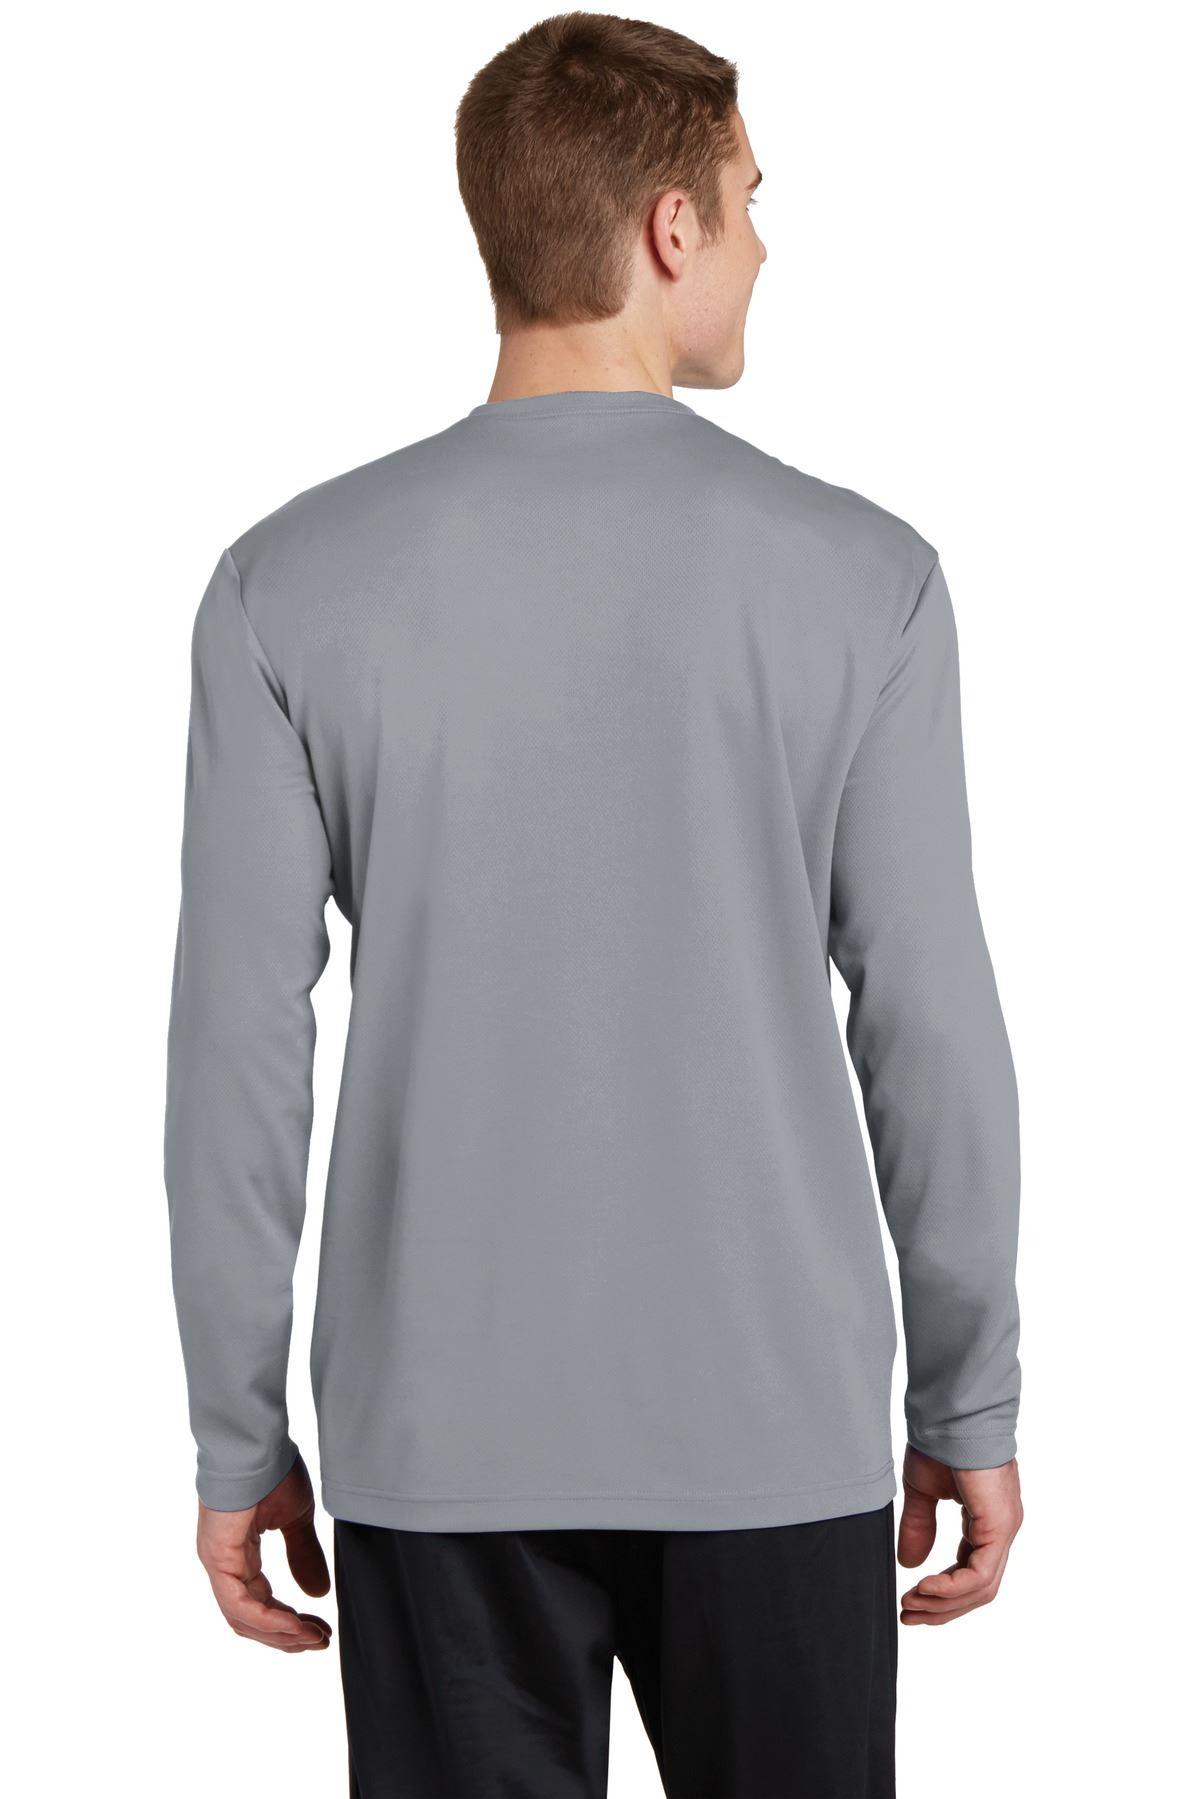 thumbnail 17 - Sport-Tek Men's Dry-Fit RacerMesh Moisture Wicking Long Sleeve T-Shirt ST340LS